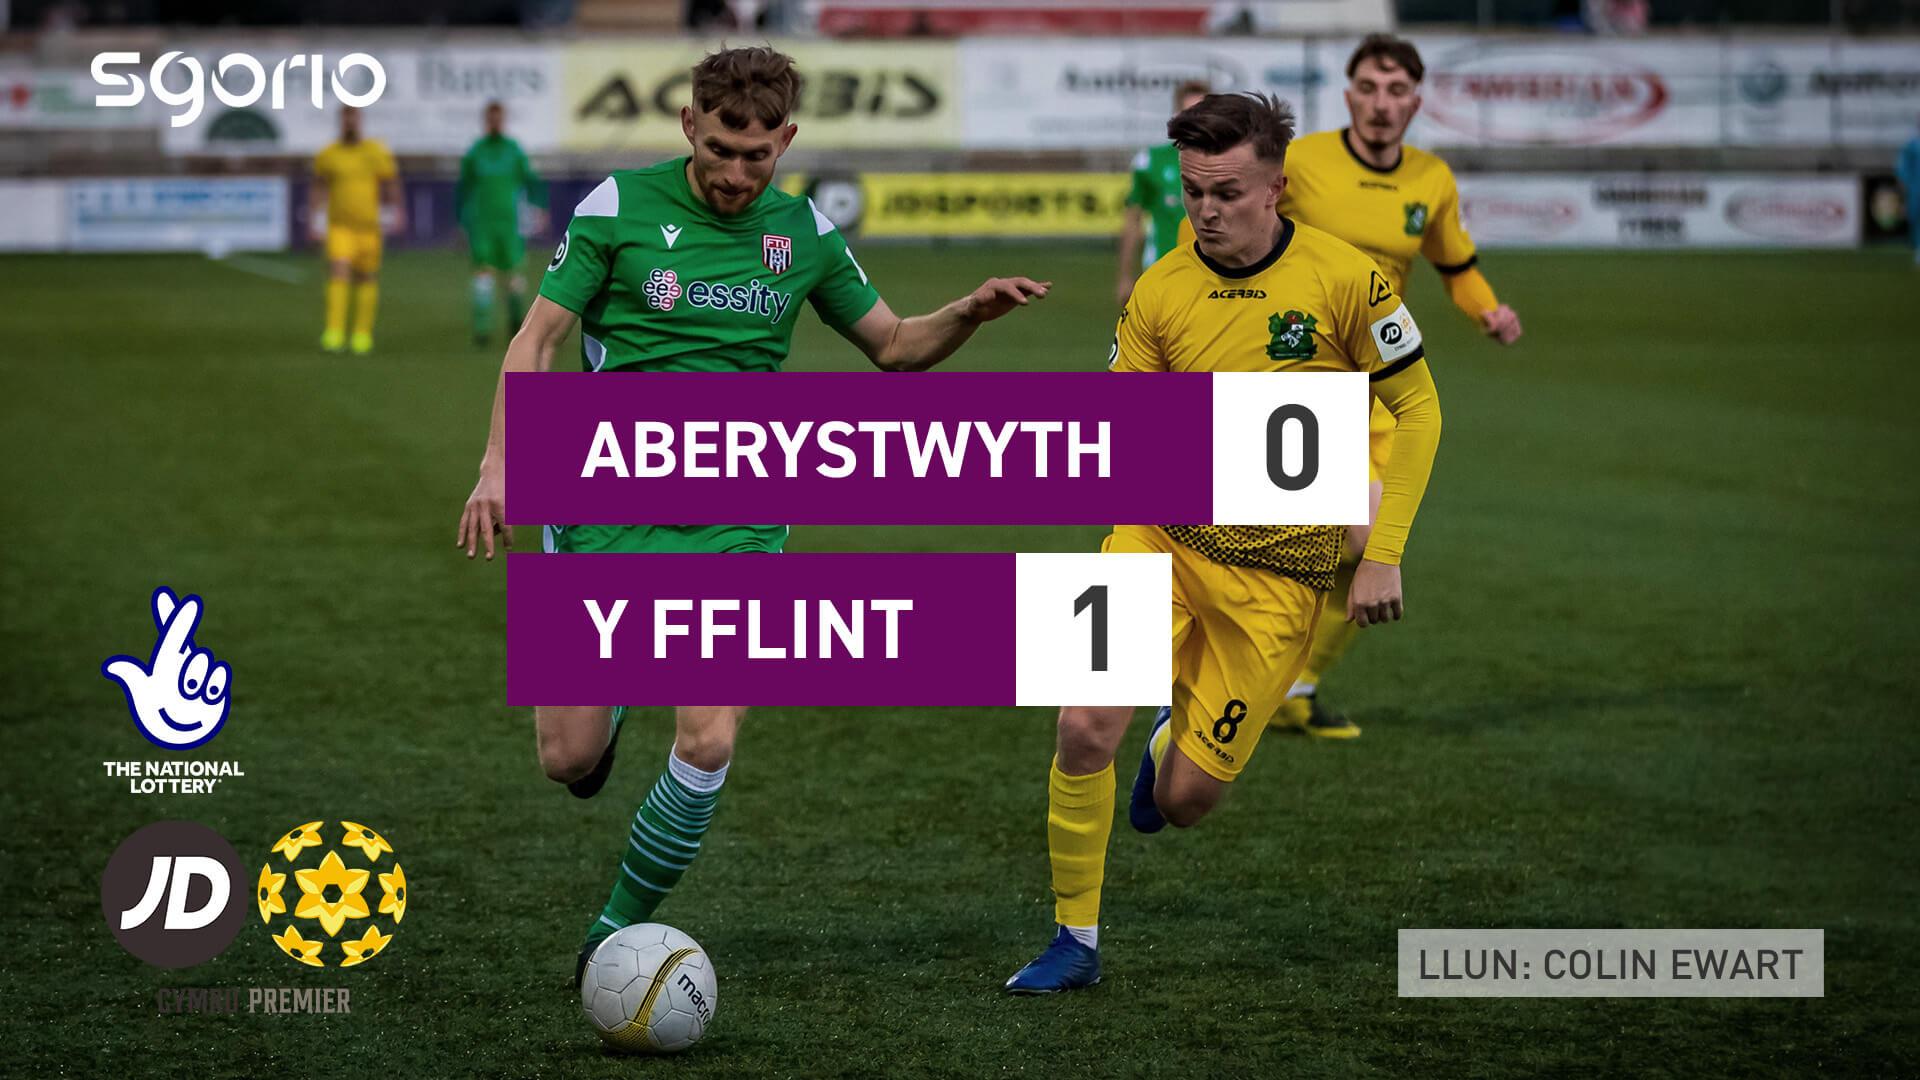 Aberystwyth 0-1 Y Fflint